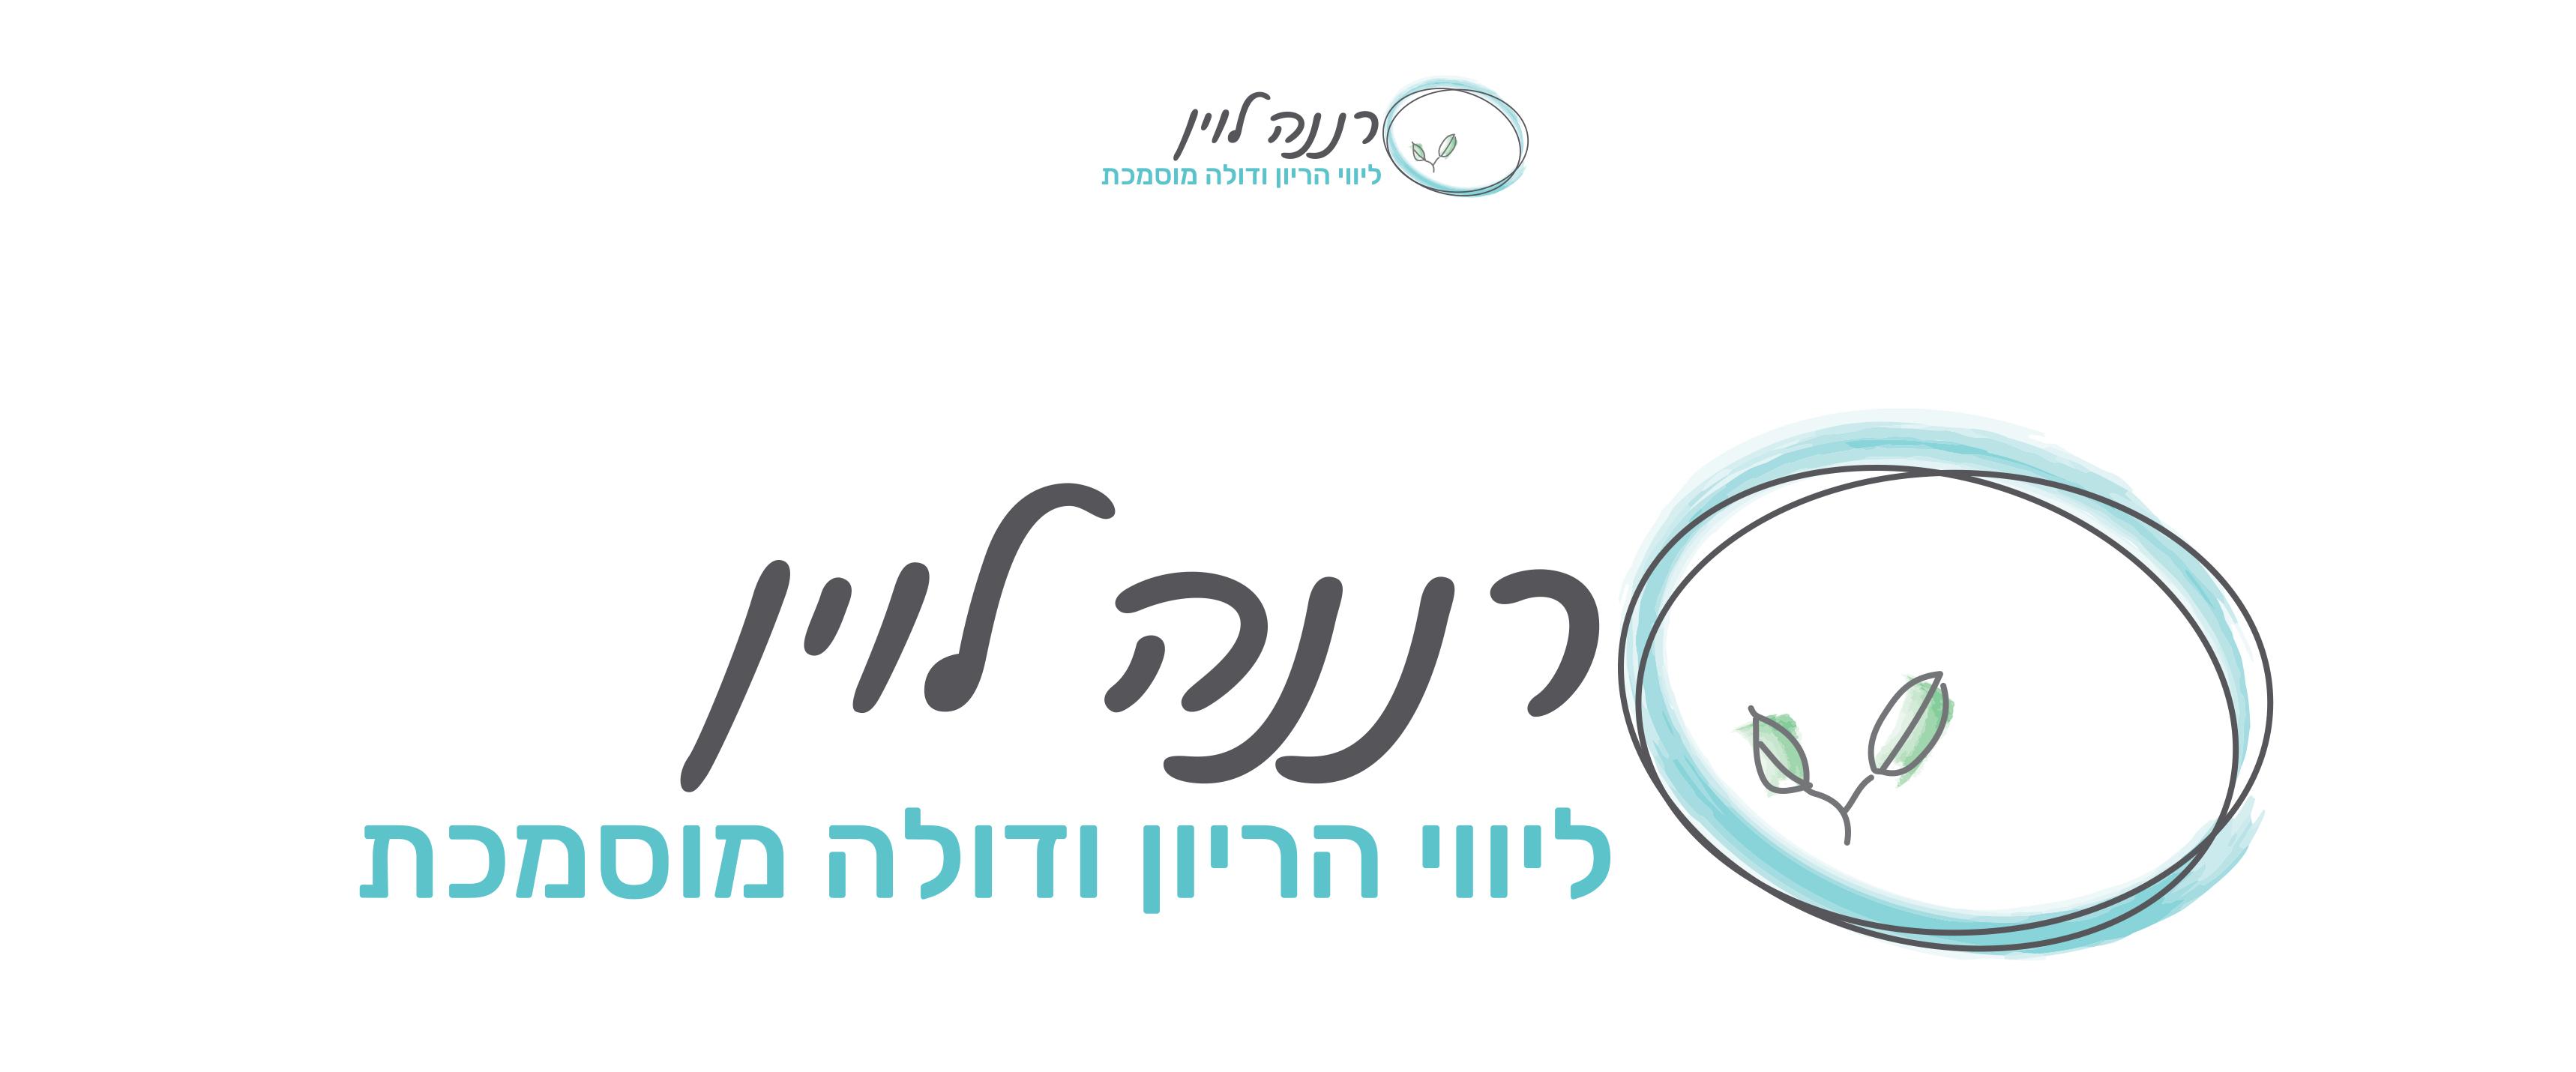 עיצוב לוגו - סמדר שפיגל